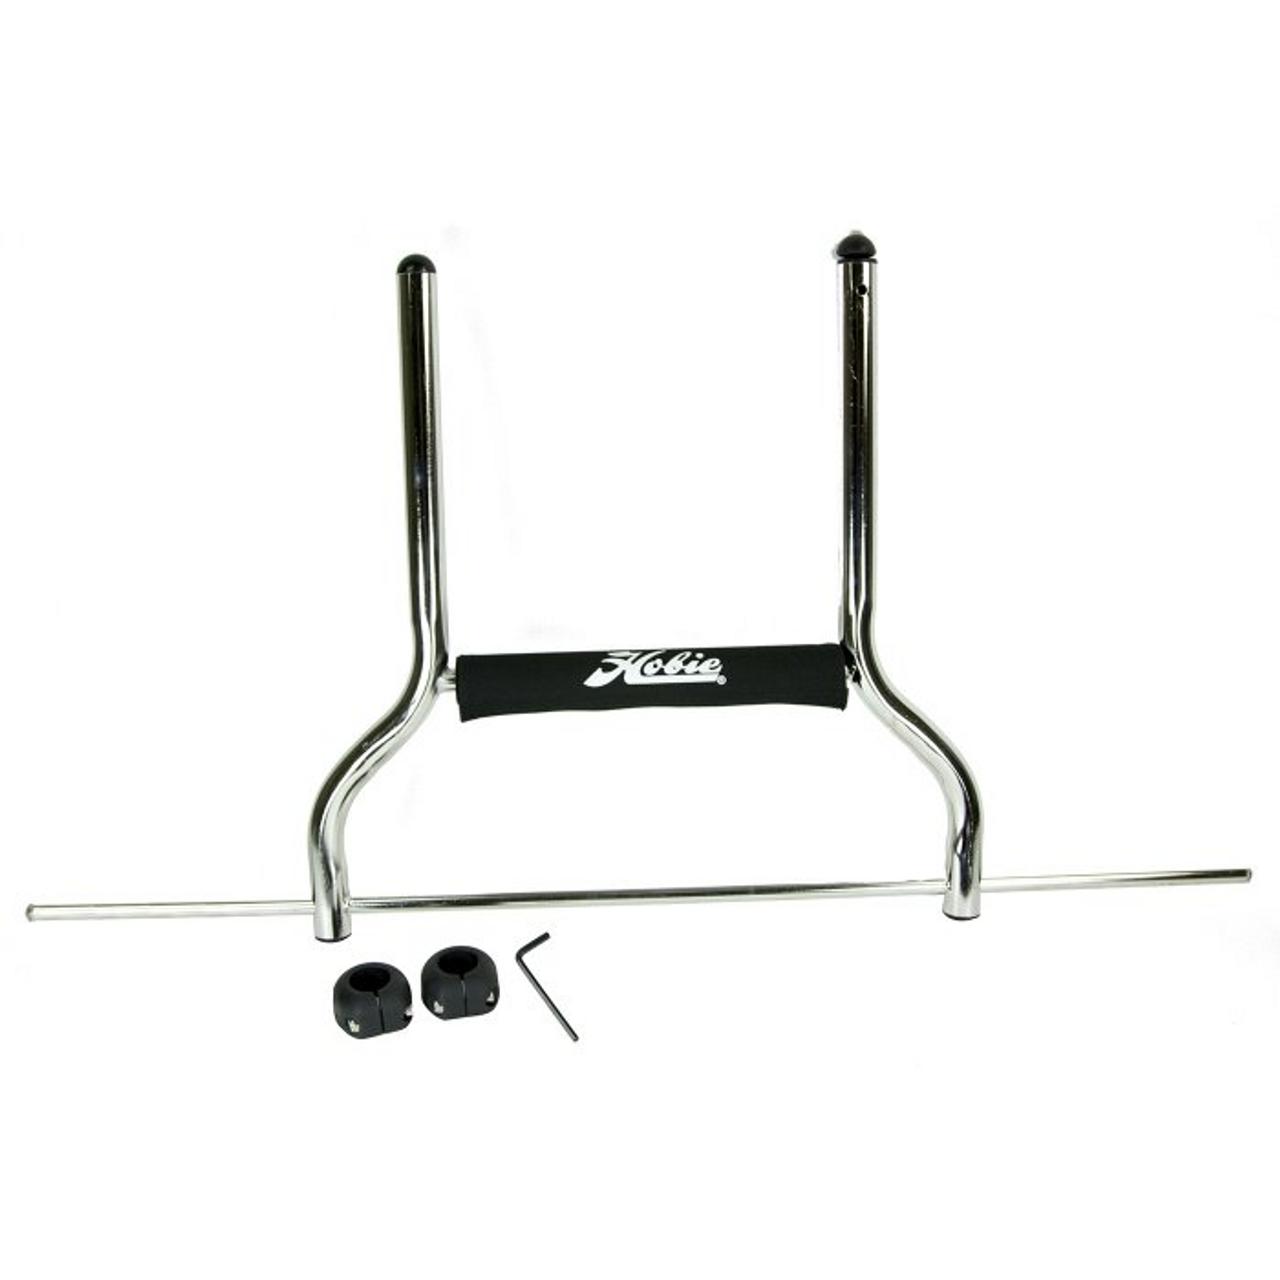 Hobie Trax 2-30 Cart Frame